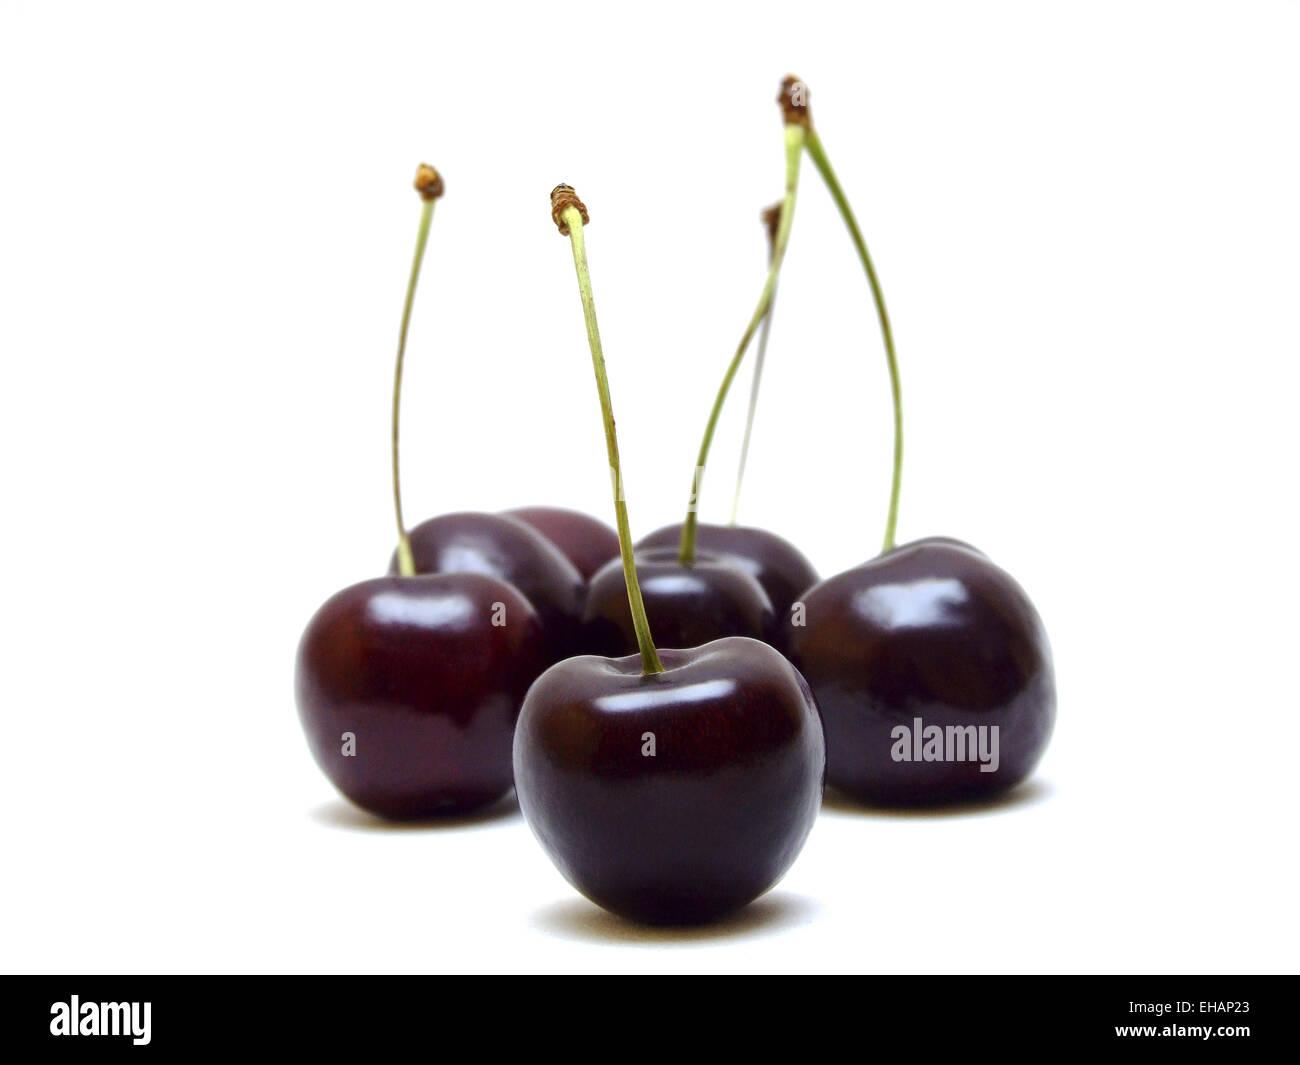 Kirschen / cherries - Stock Image